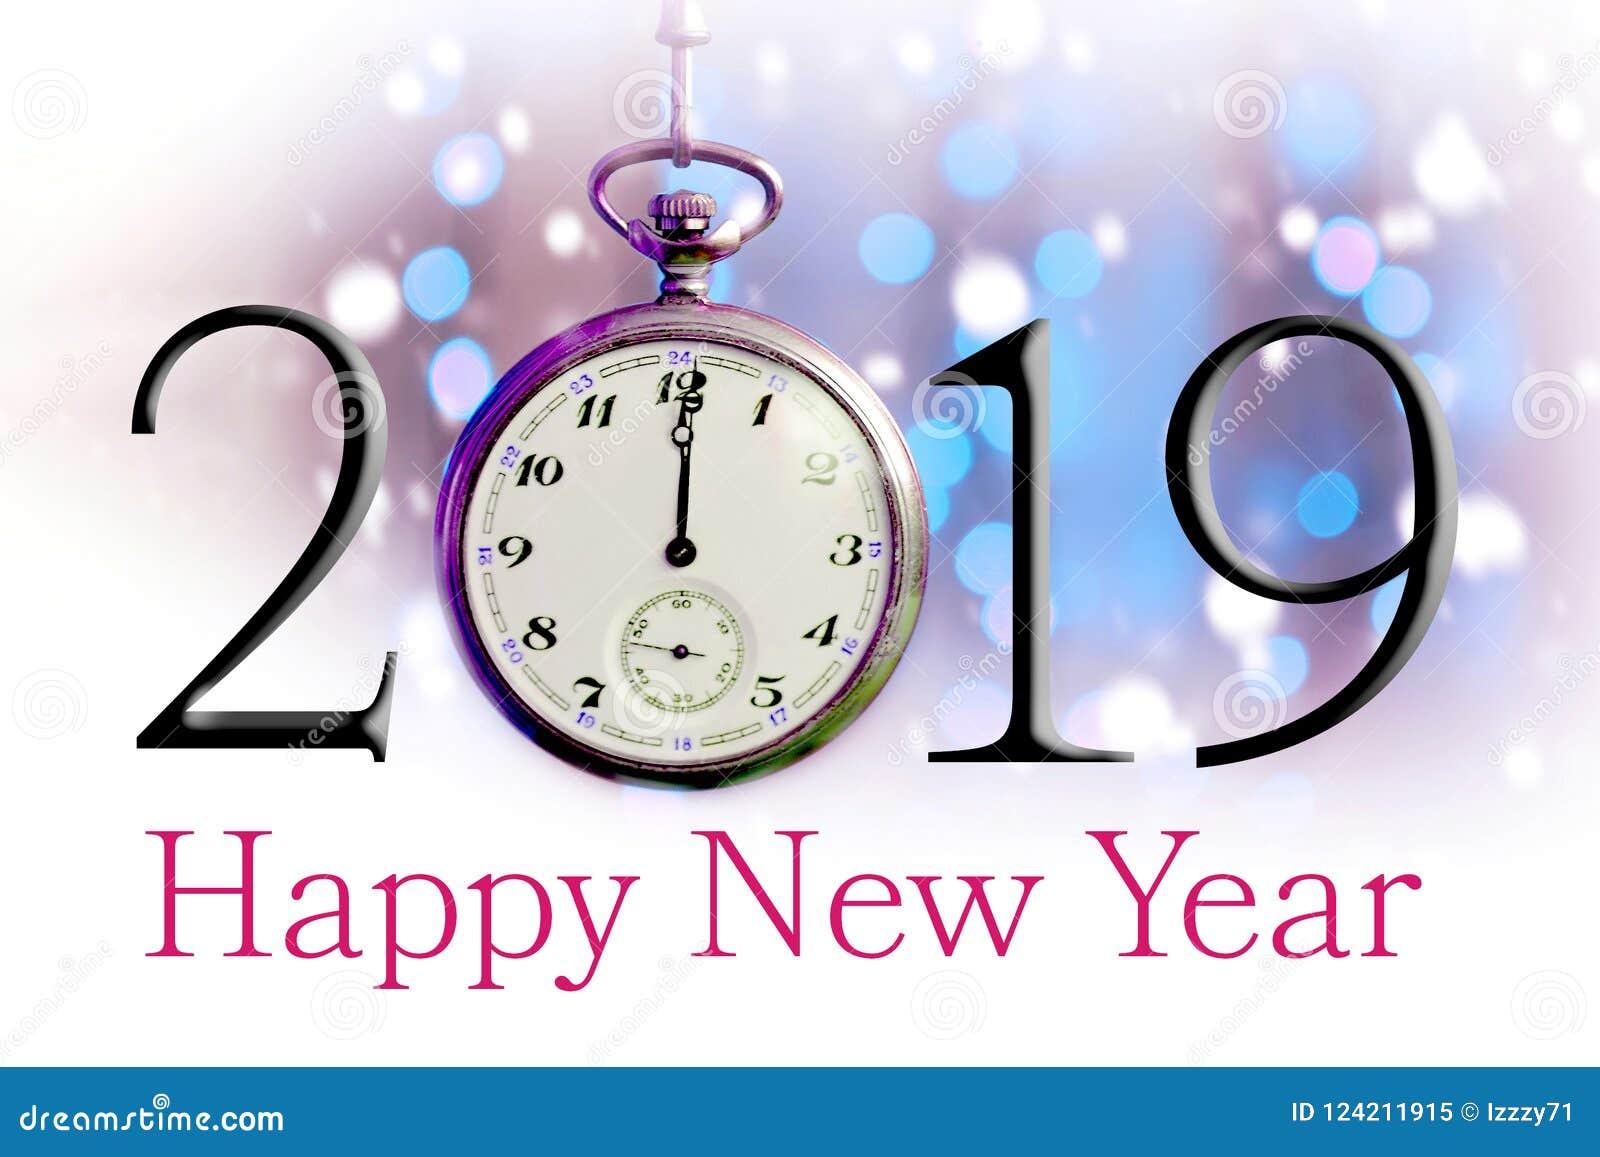 Szczęśliwy nowy rok 2019 Tekst ilustracja i rocznika kieszeniowy zegarek